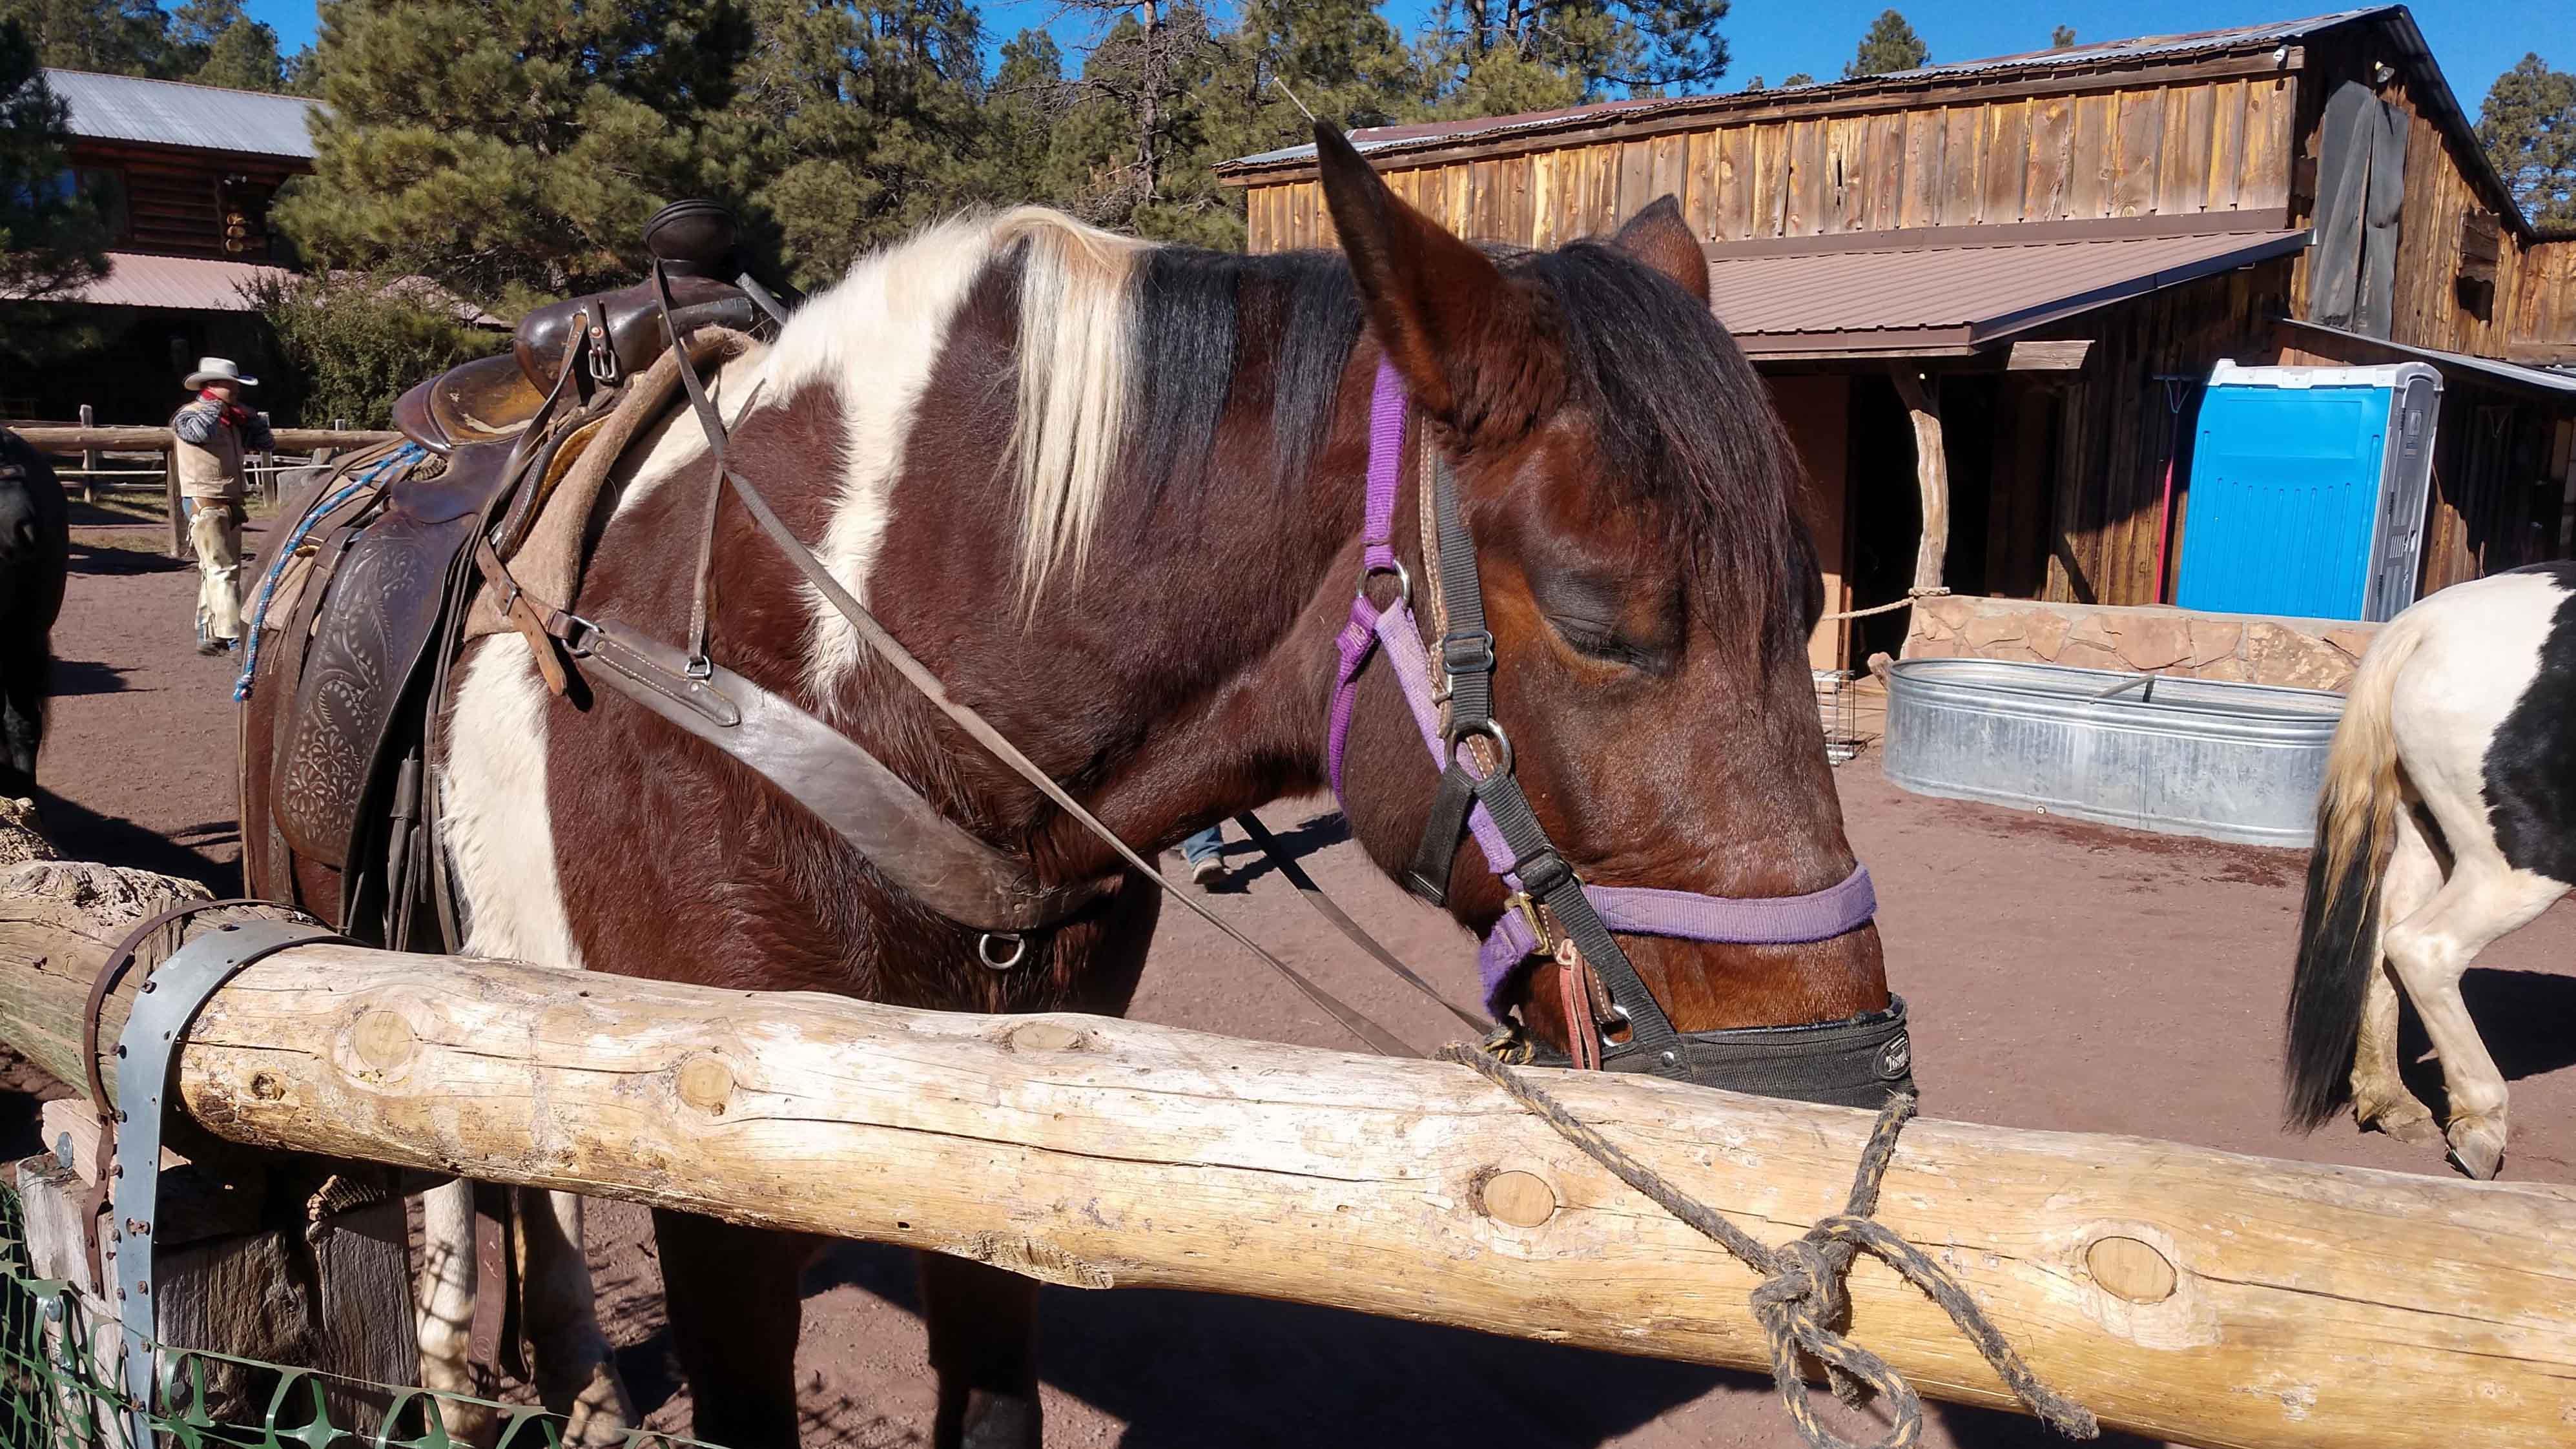 アメリカ フラッグスタッフ 乗馬トレイル Historic Hitchin Post Stables